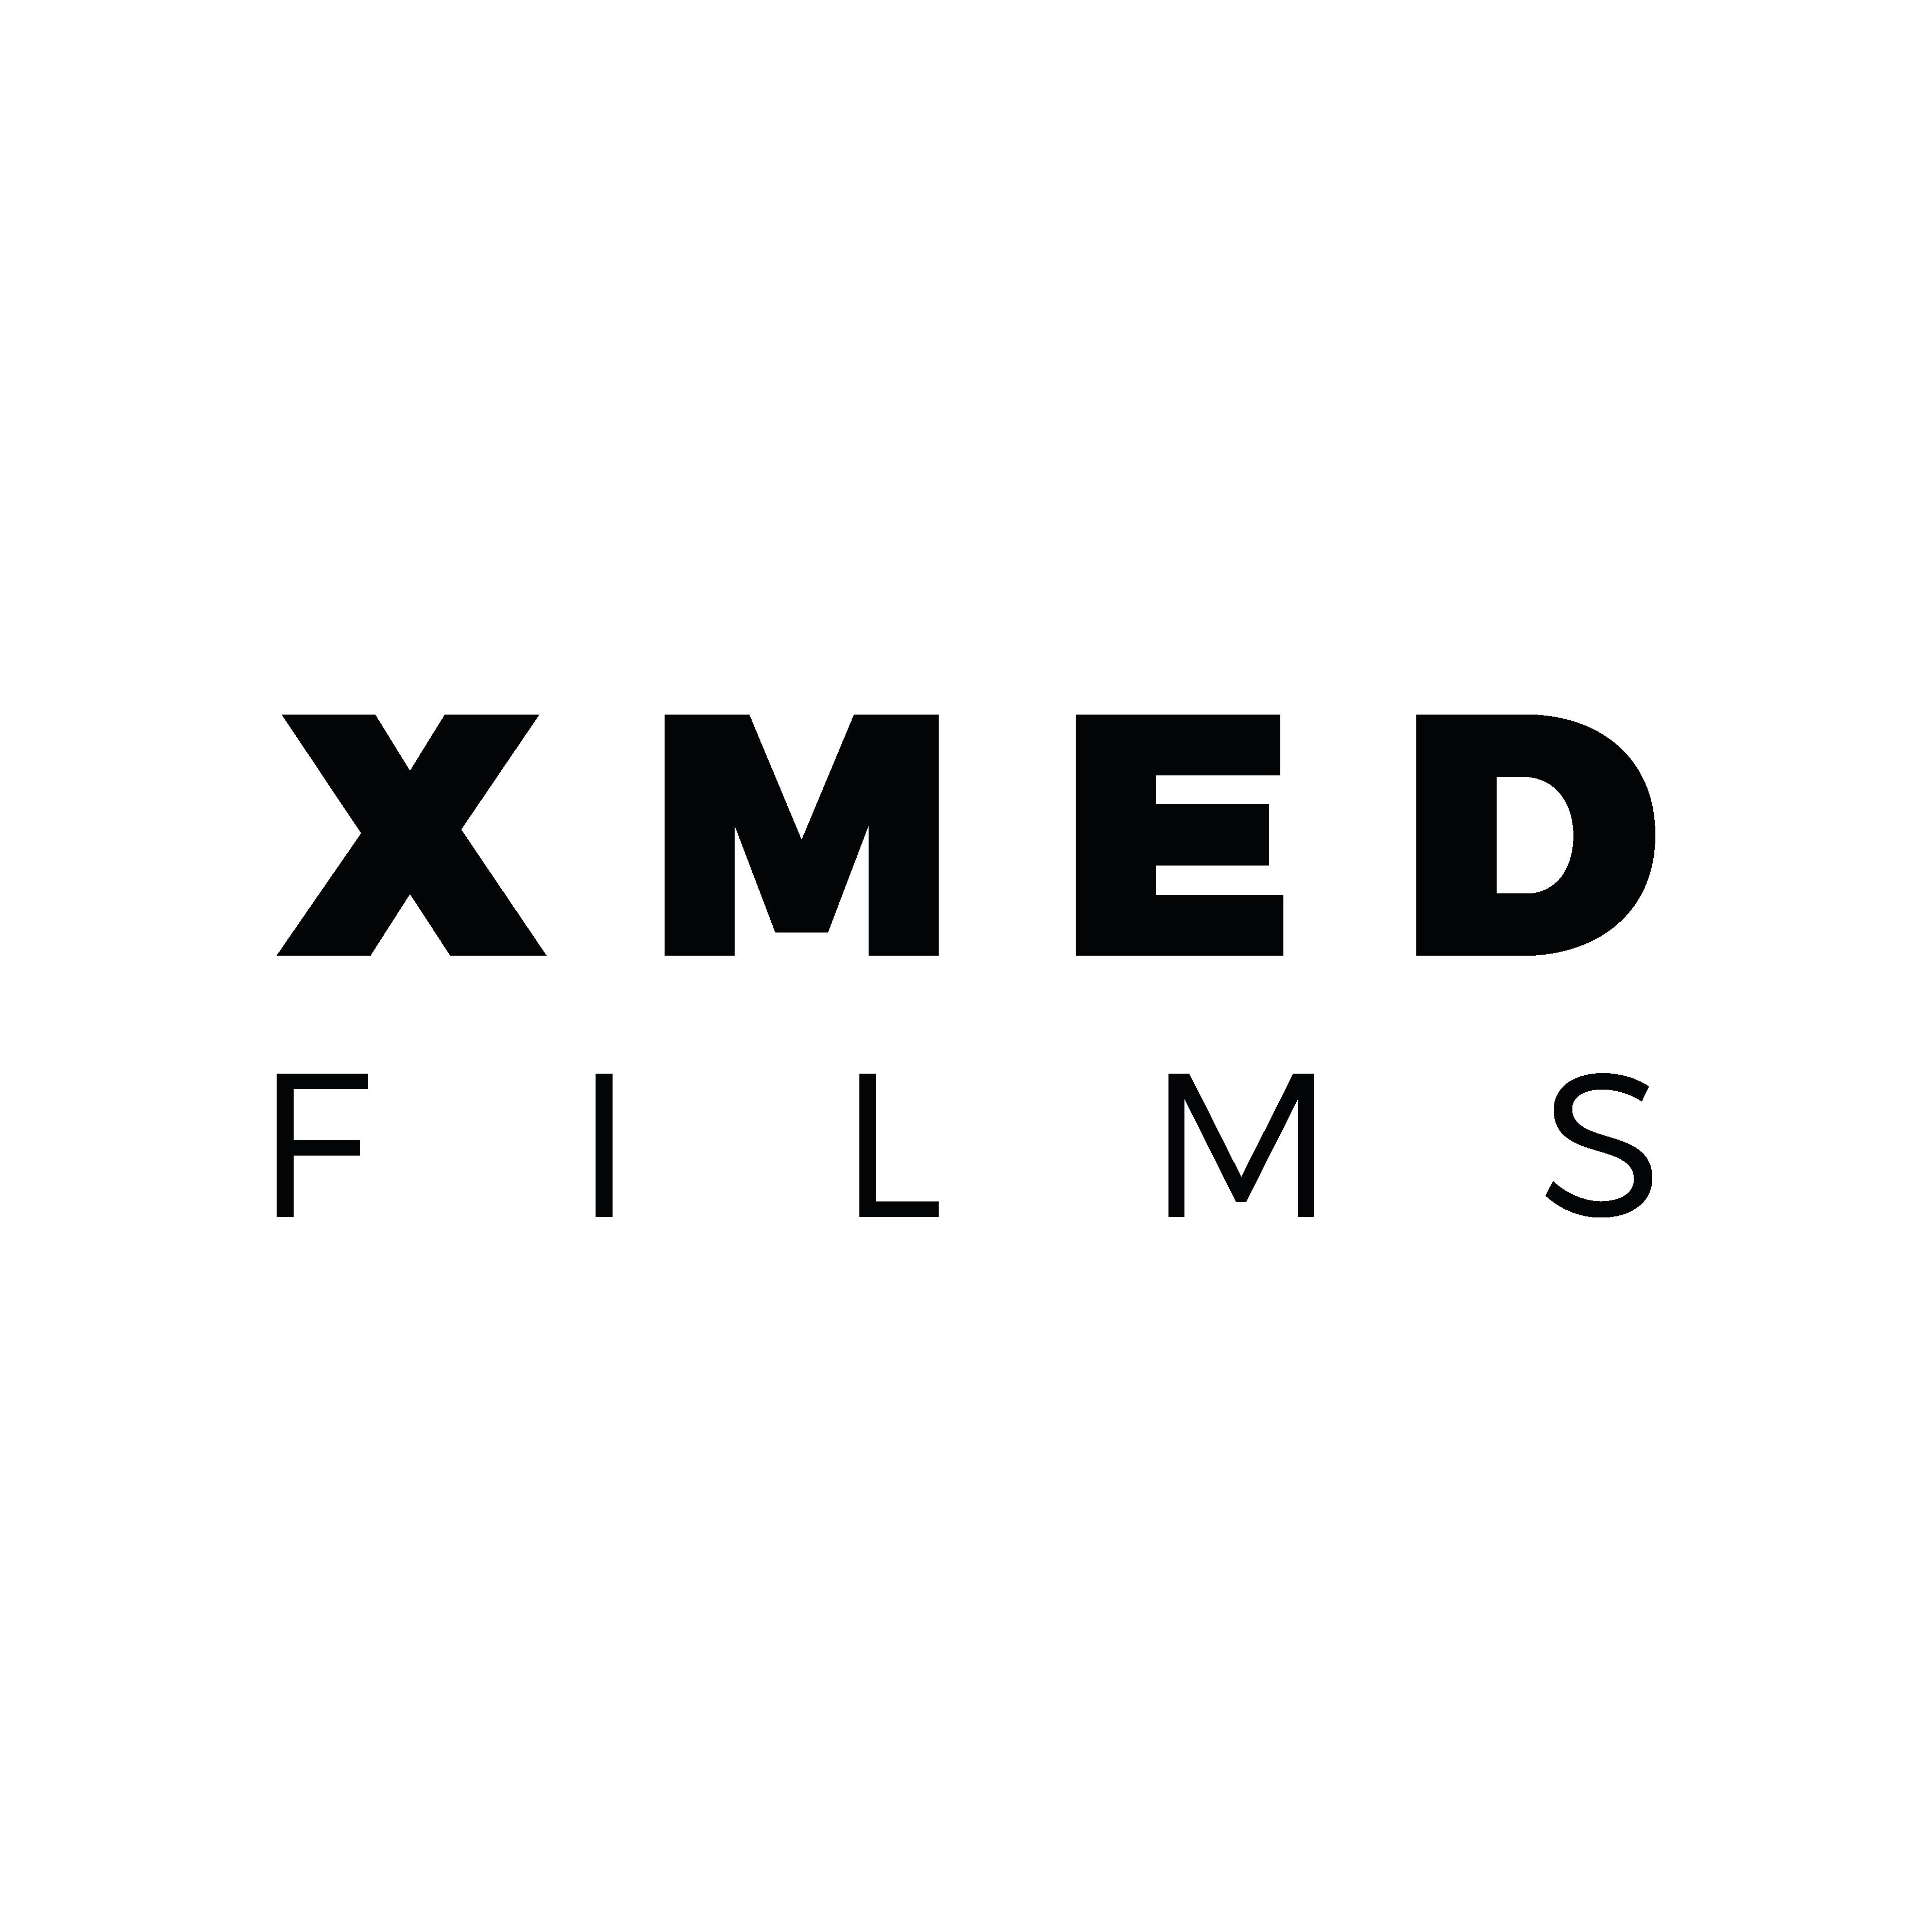 XMED FILMS Image